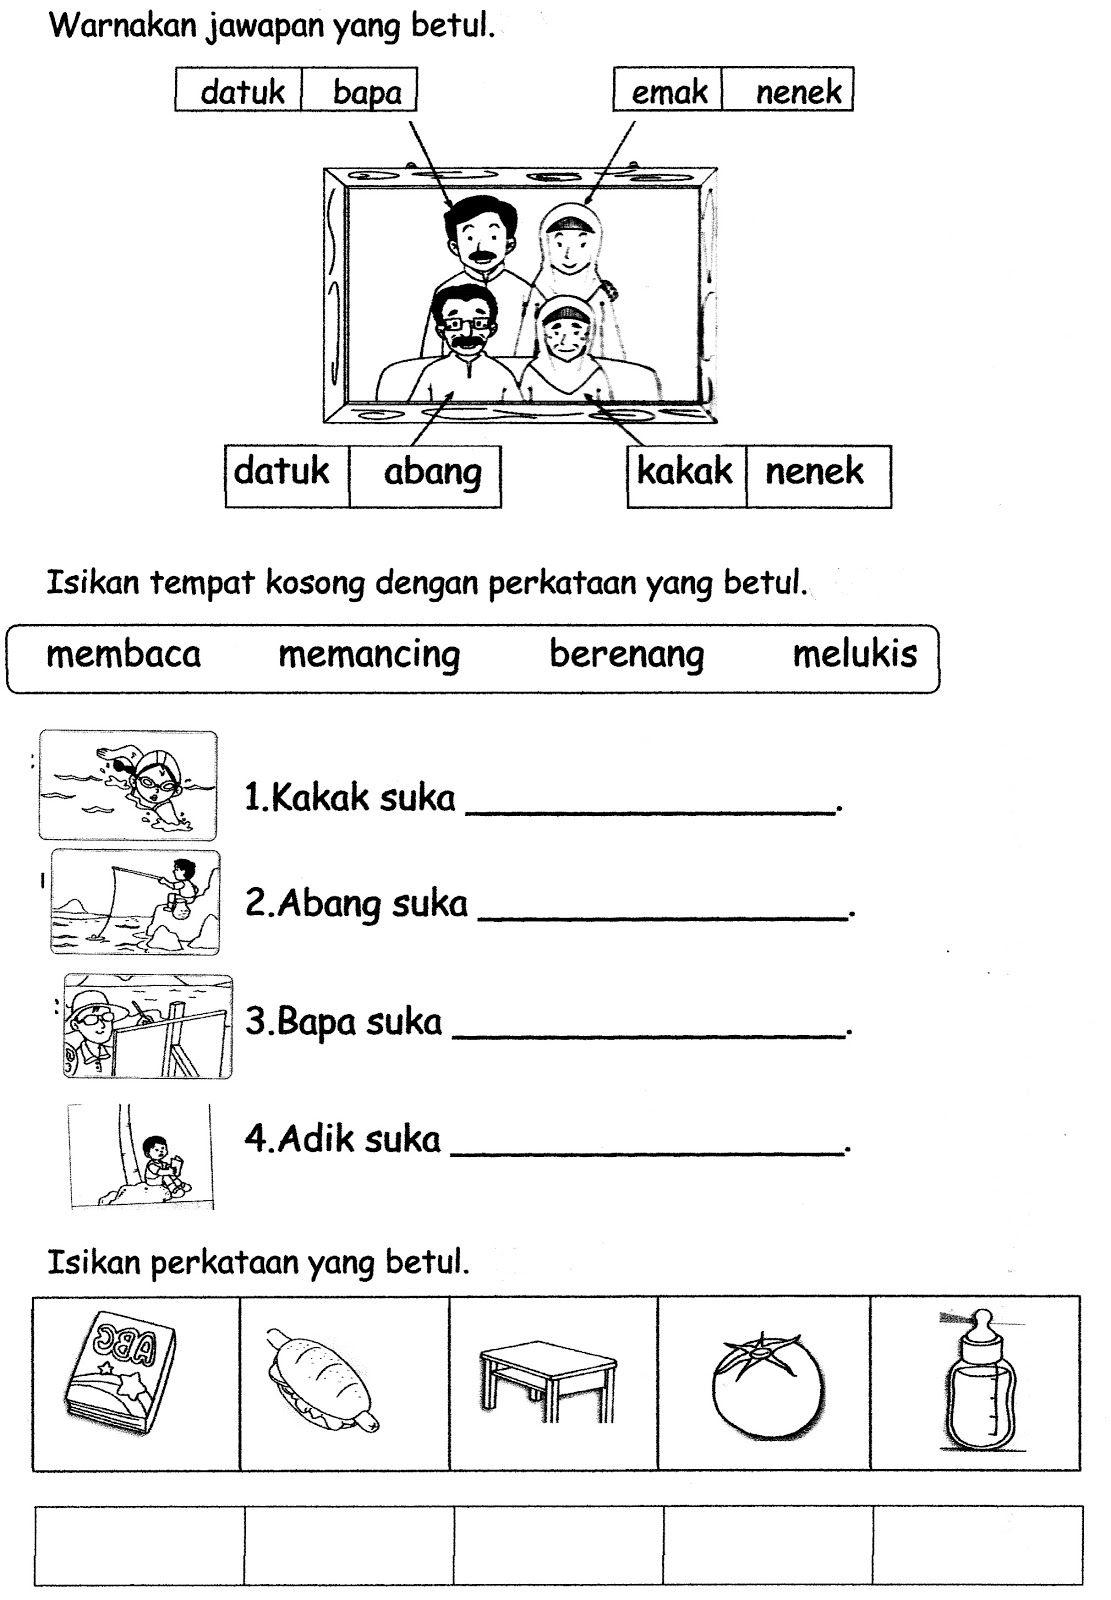 Latihan Bahasa Malaysia Untuk Kanak Kanak Umur 5